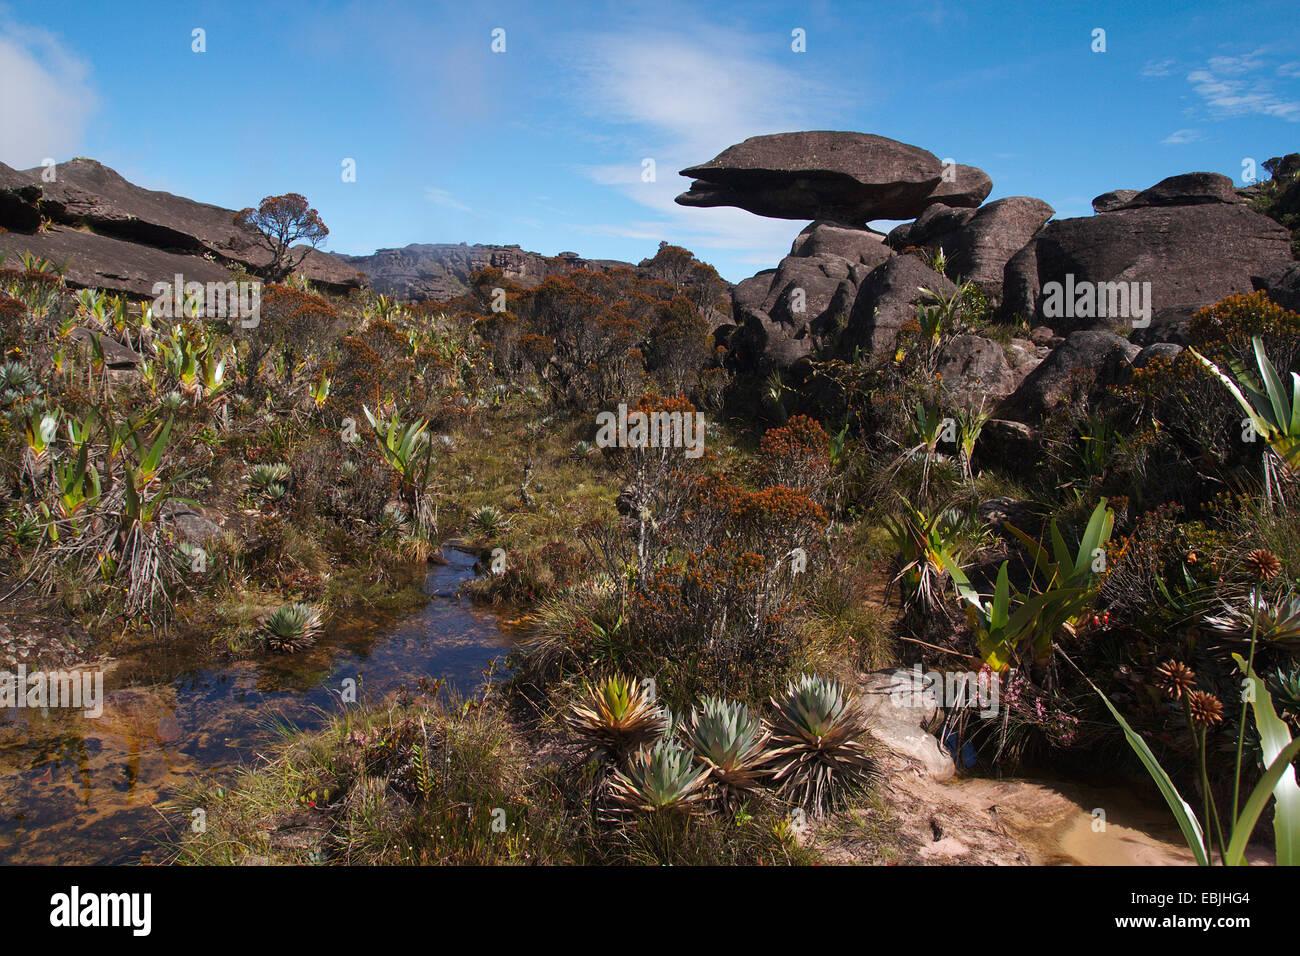 bizarr sandstone formation 'flying turtle' on Mount Roraima, Venezuela, Canaima National Park, Roraima Tepui Stock Photo